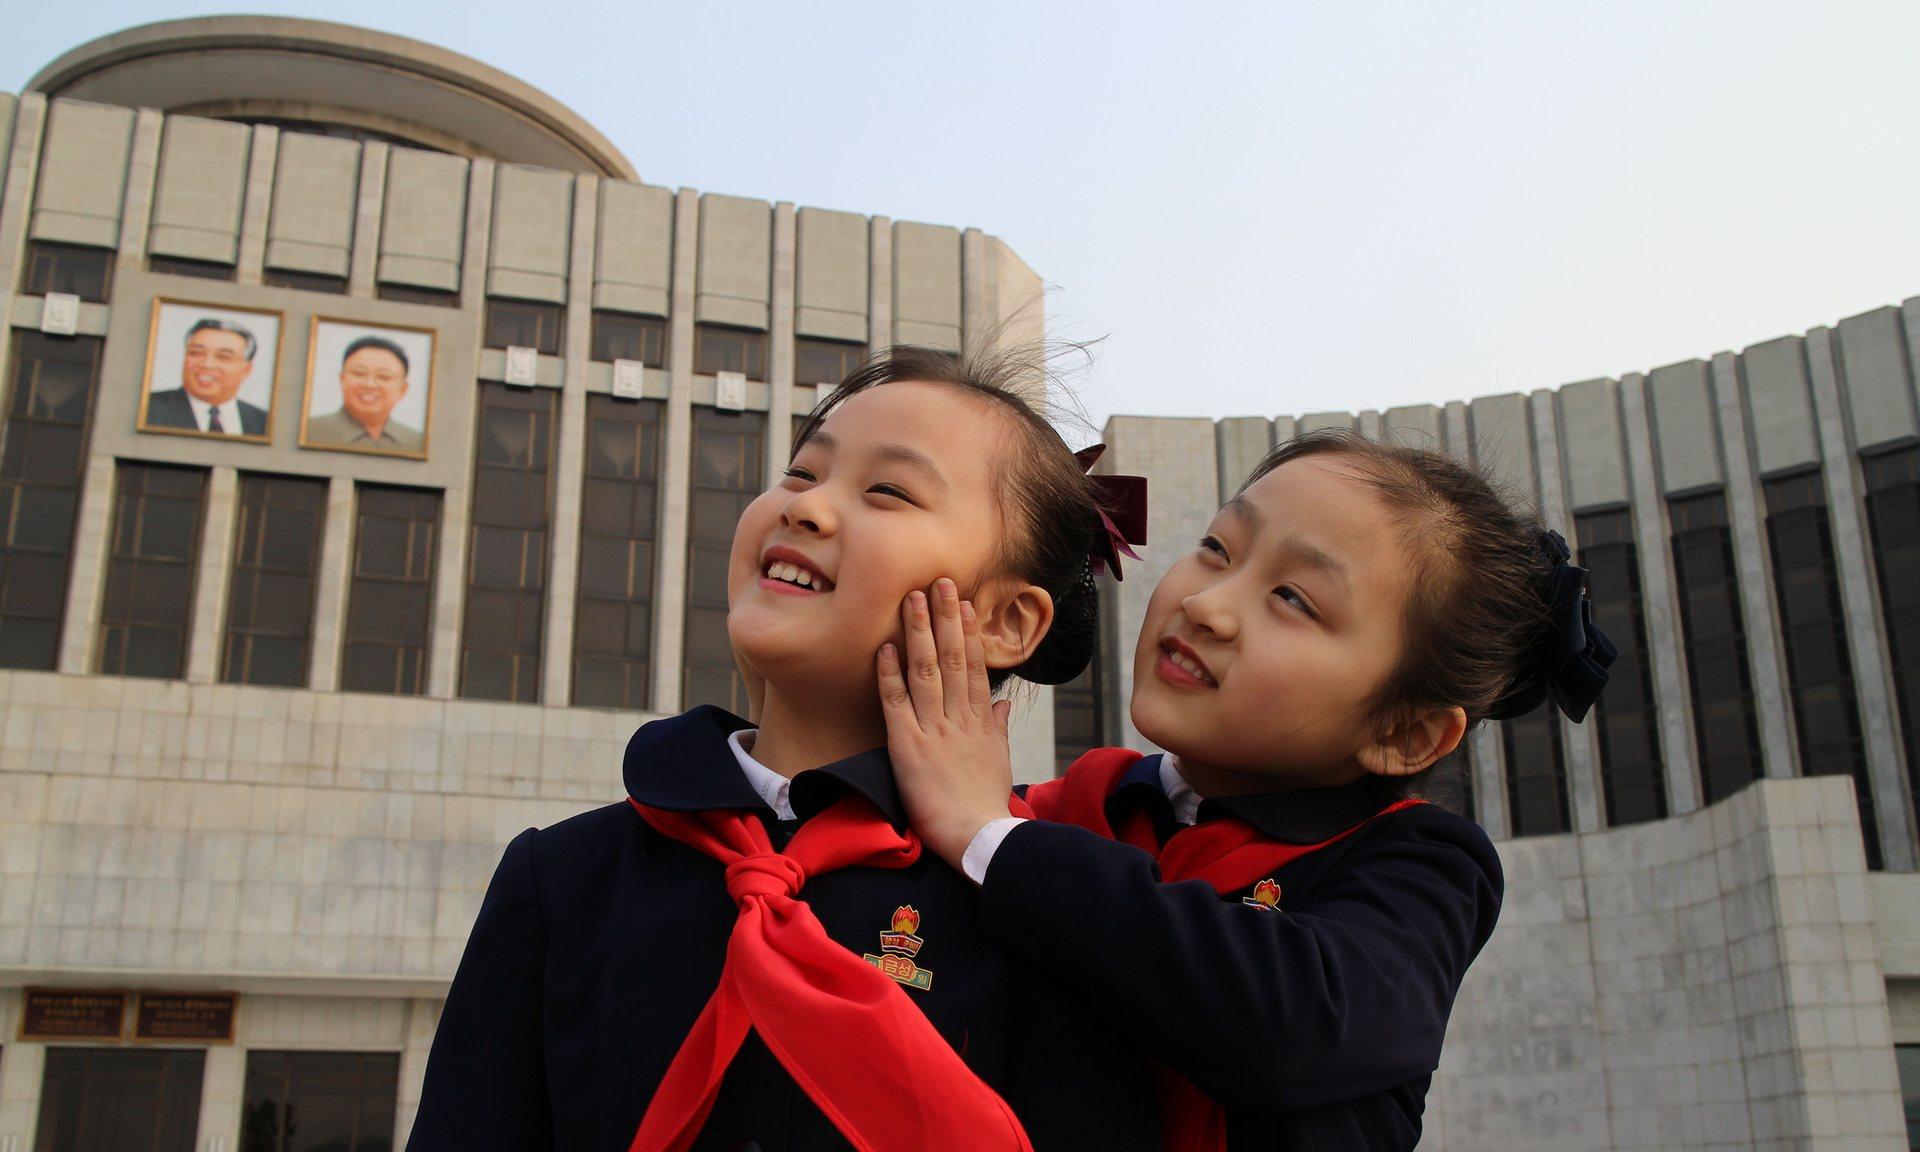 Enquanto filmava Zinmi, de 8 anos, Vitáli Mânski, que havia concordado trabalhar em conjunto com diretores norte-coreanos, deixava a câmera ligada em segredo enquanto as cenas eram preparadas para parecerem reais.